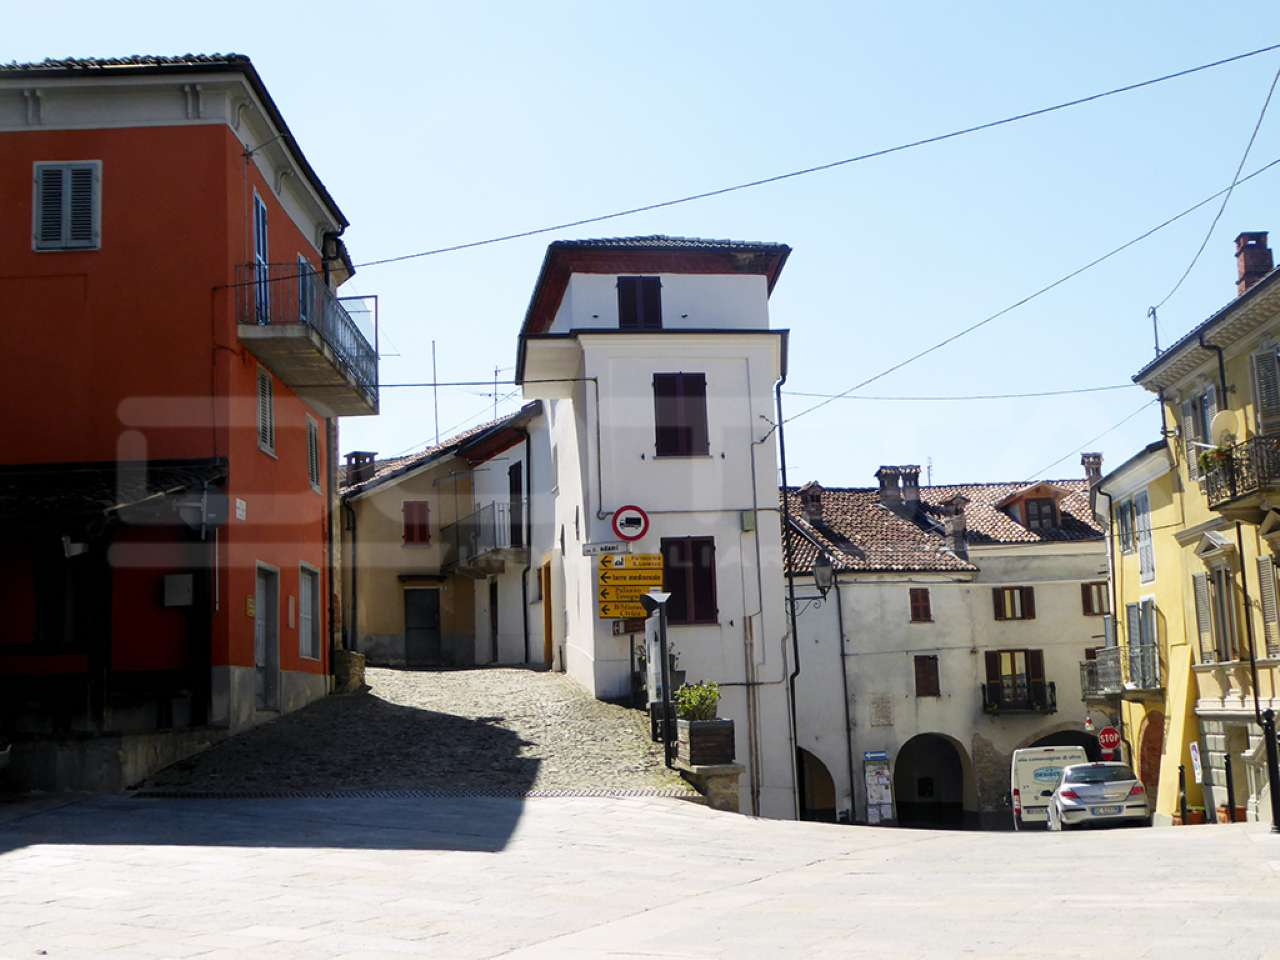 Murazzano Vendita CASALE / RUSTICO / CASA / CASCINA Immagine 3